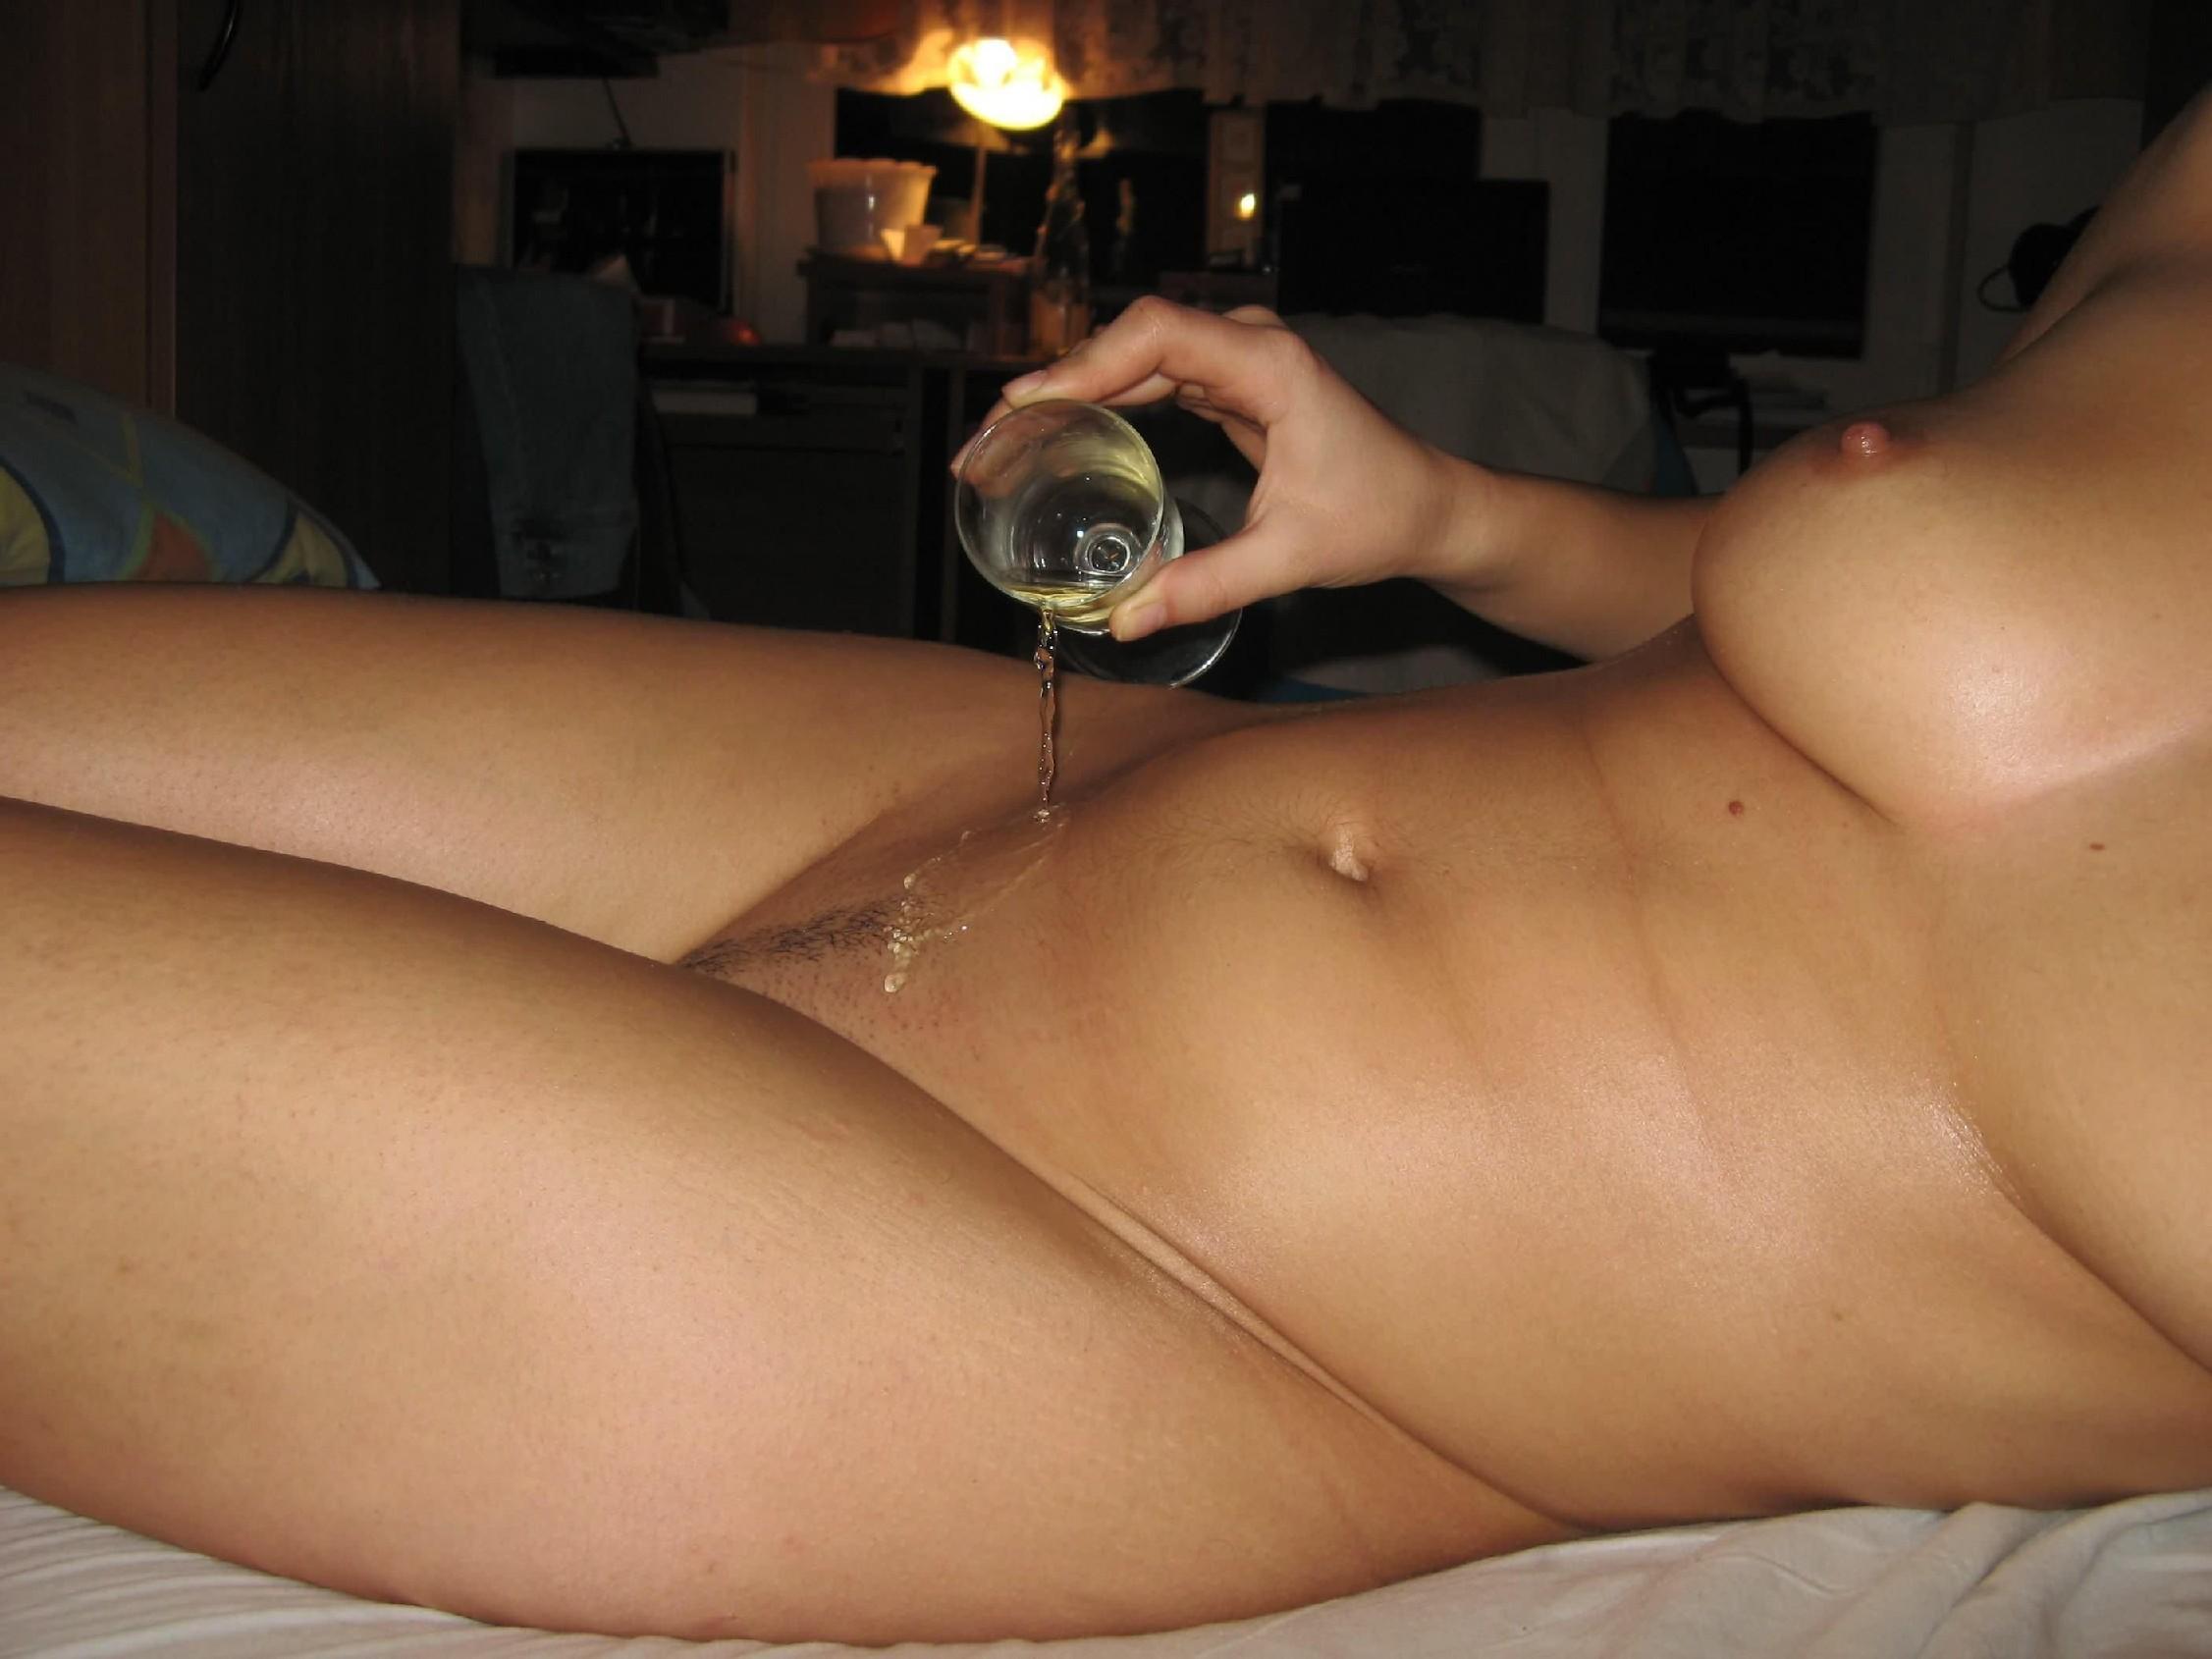 Домашняя подборочка аматорских эротических снимков